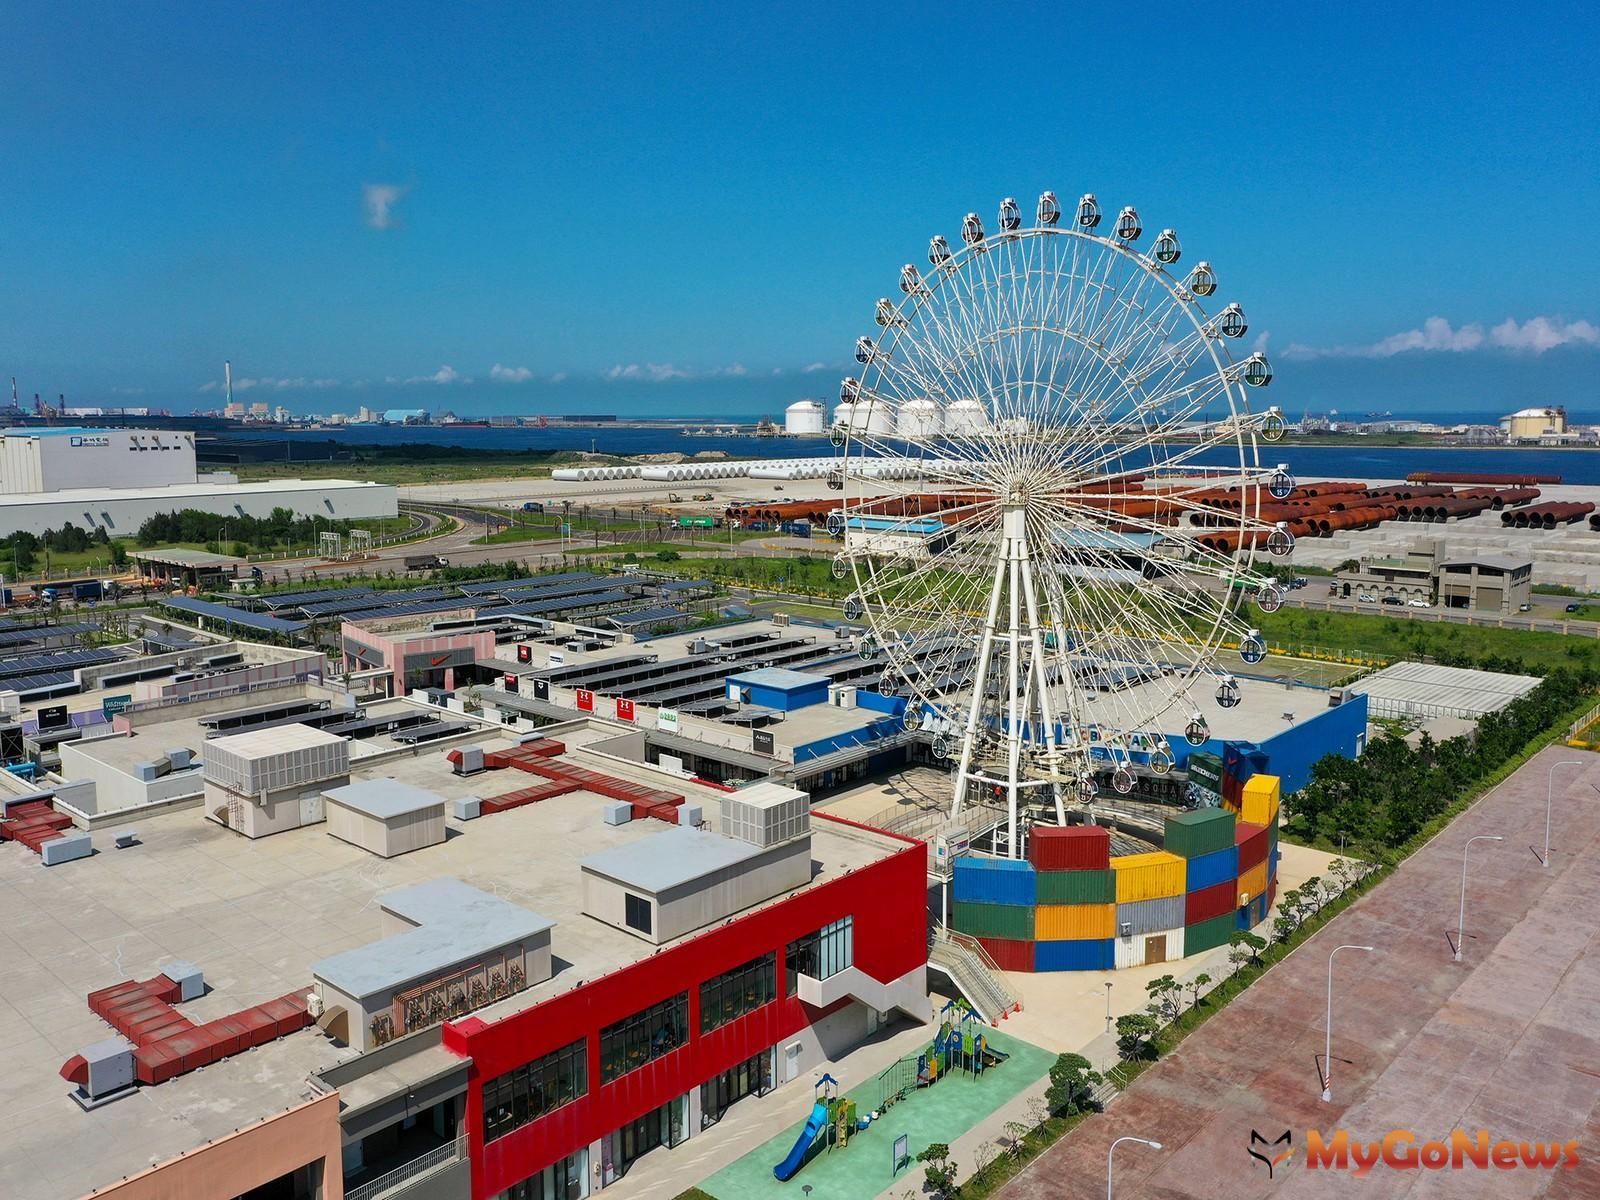 台中港三井OUTLET 2.0 計畫,2021年下半年將開幕二期營運,台中海線港灣城市生活機能精彩可期。圖/業者提供 MyGoNews房地產新聞 熱銷推案